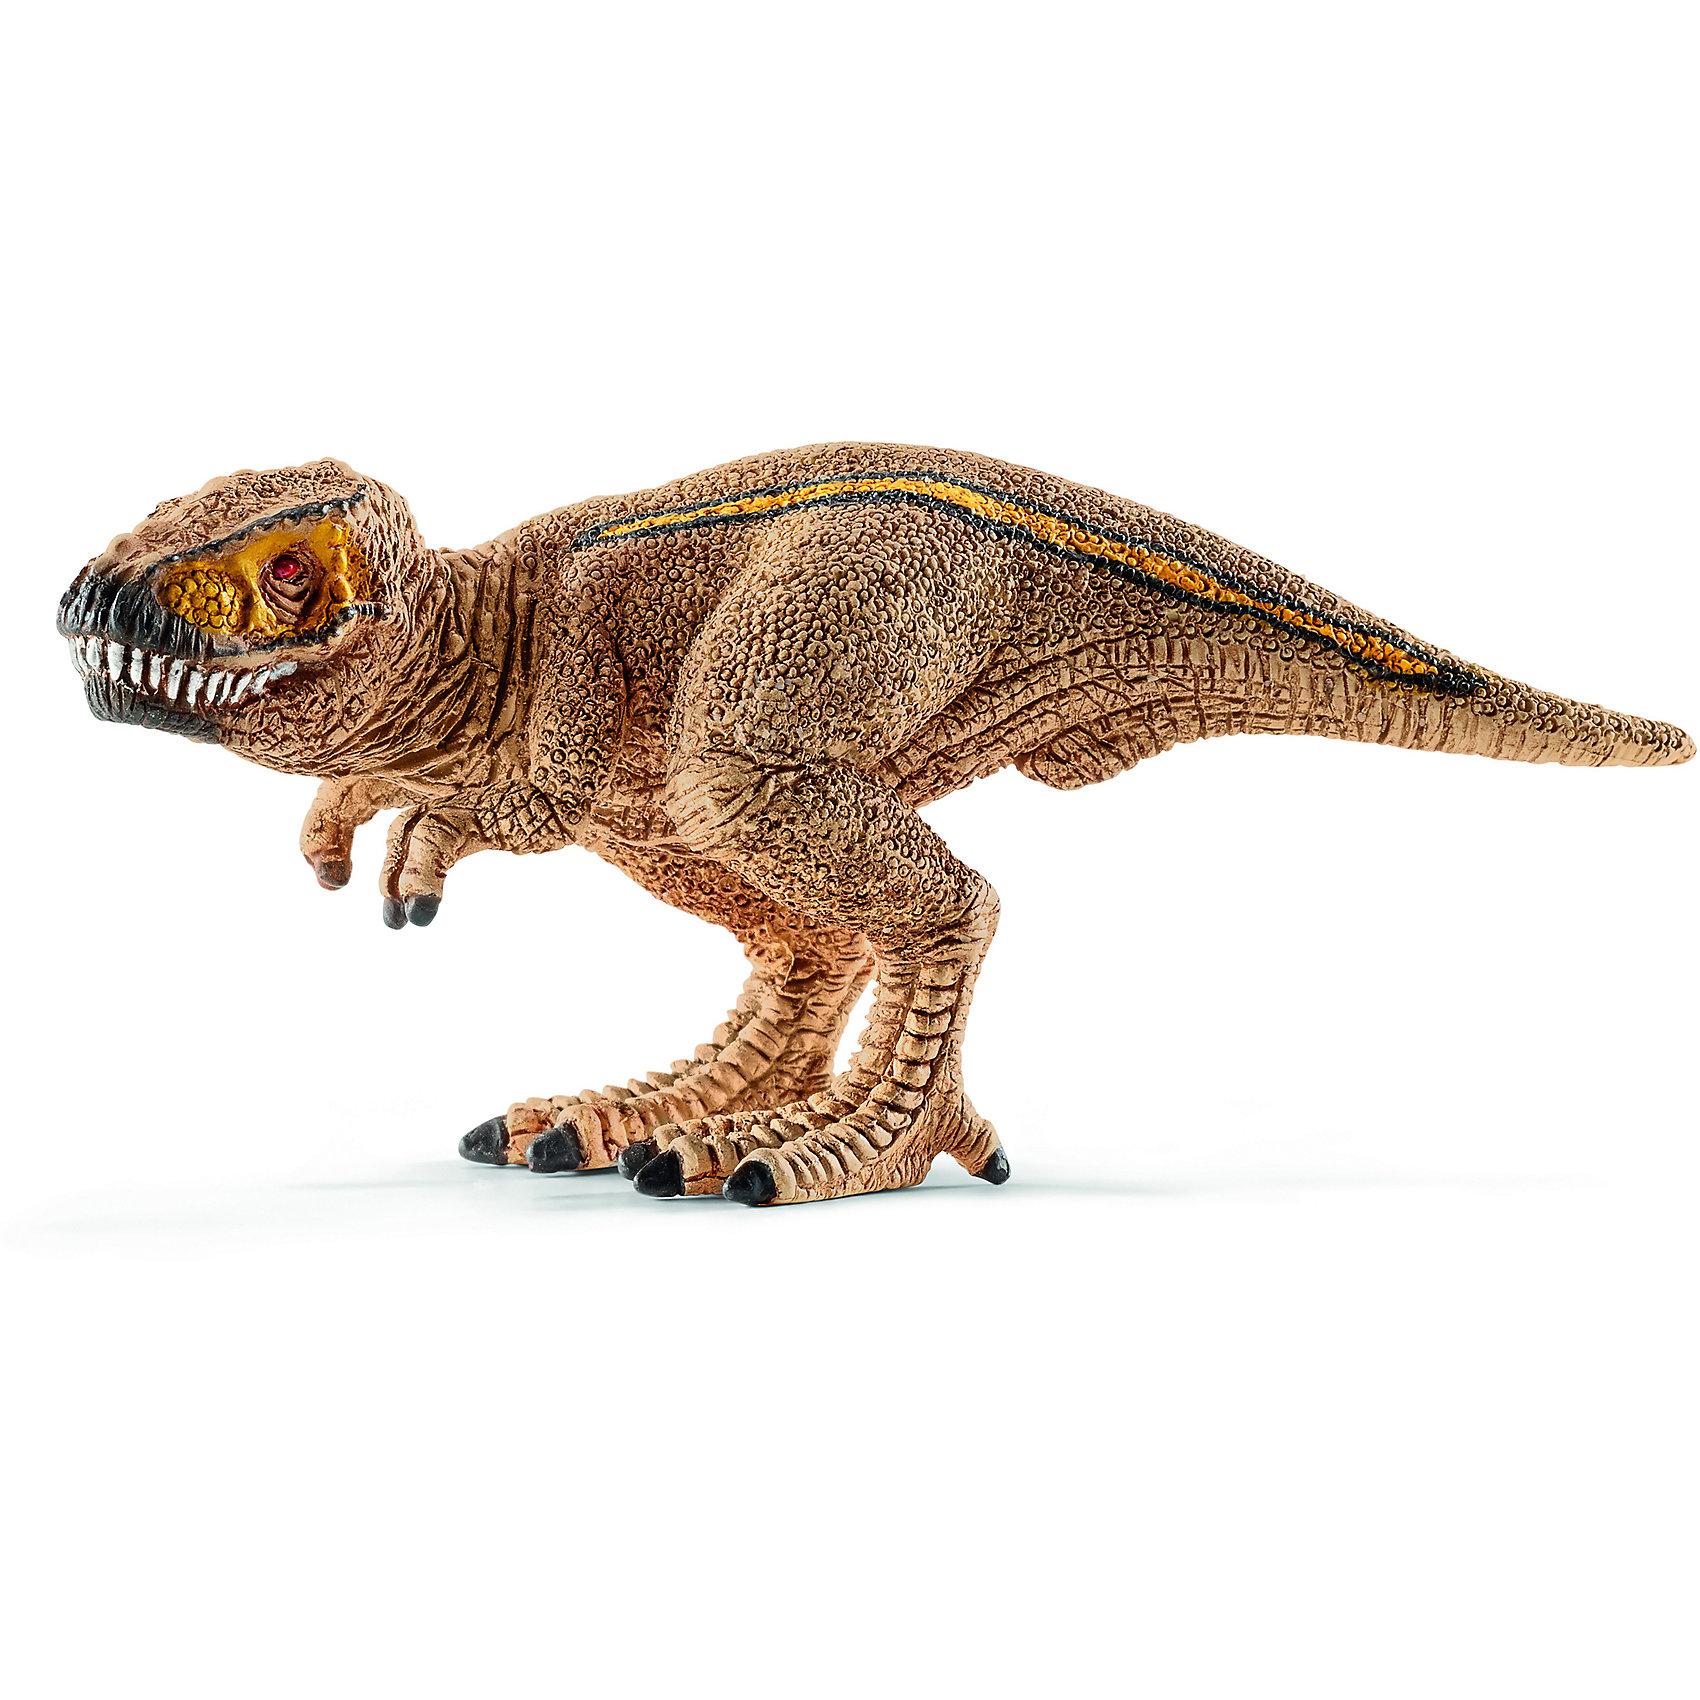 Тиранозавр Рекс, мини, SchleichДревний динозавр Тираннозавр Рекс, проживающий на земле много миллионов лет назад, представлен немецкой компанией Schleich (Шляйх) в виде стоящего на задних лапах динозавра светло-коричневого цвета. Тиранозаурус отличается от своих сородичей длинным хвостом и мощными лапами, которые помогают ему находить пищу и сражаться с врагами.<br><br>Игрушка динозавра выполнена из качественного каучукового пластика, который безопасен для детей и не вызывает аллергию. У динозавра подвижные когти и нижняя челюсть, что сделает игру более увлекательной и оживленной.<br><br>Дополнительная информация:<br><br>Материал: каучуковый пластик<br>Размер игрушки: 7.8 x 3.4 x 3.2 см.<br><br>Тираннозавра Рекс, мини, Schleich (Шляйх) можно купить в нашем магазине.<br><br>Ширина мм: 55<br>Глубина мм: 65<br>Высота мм: 2<br>Вес г: 14<br>Возраст от месяцев: 36<br>Возраст до месяцев: 96<br>Пол: Мужской<br>Возраст: Детский<br>SKU: 3902515